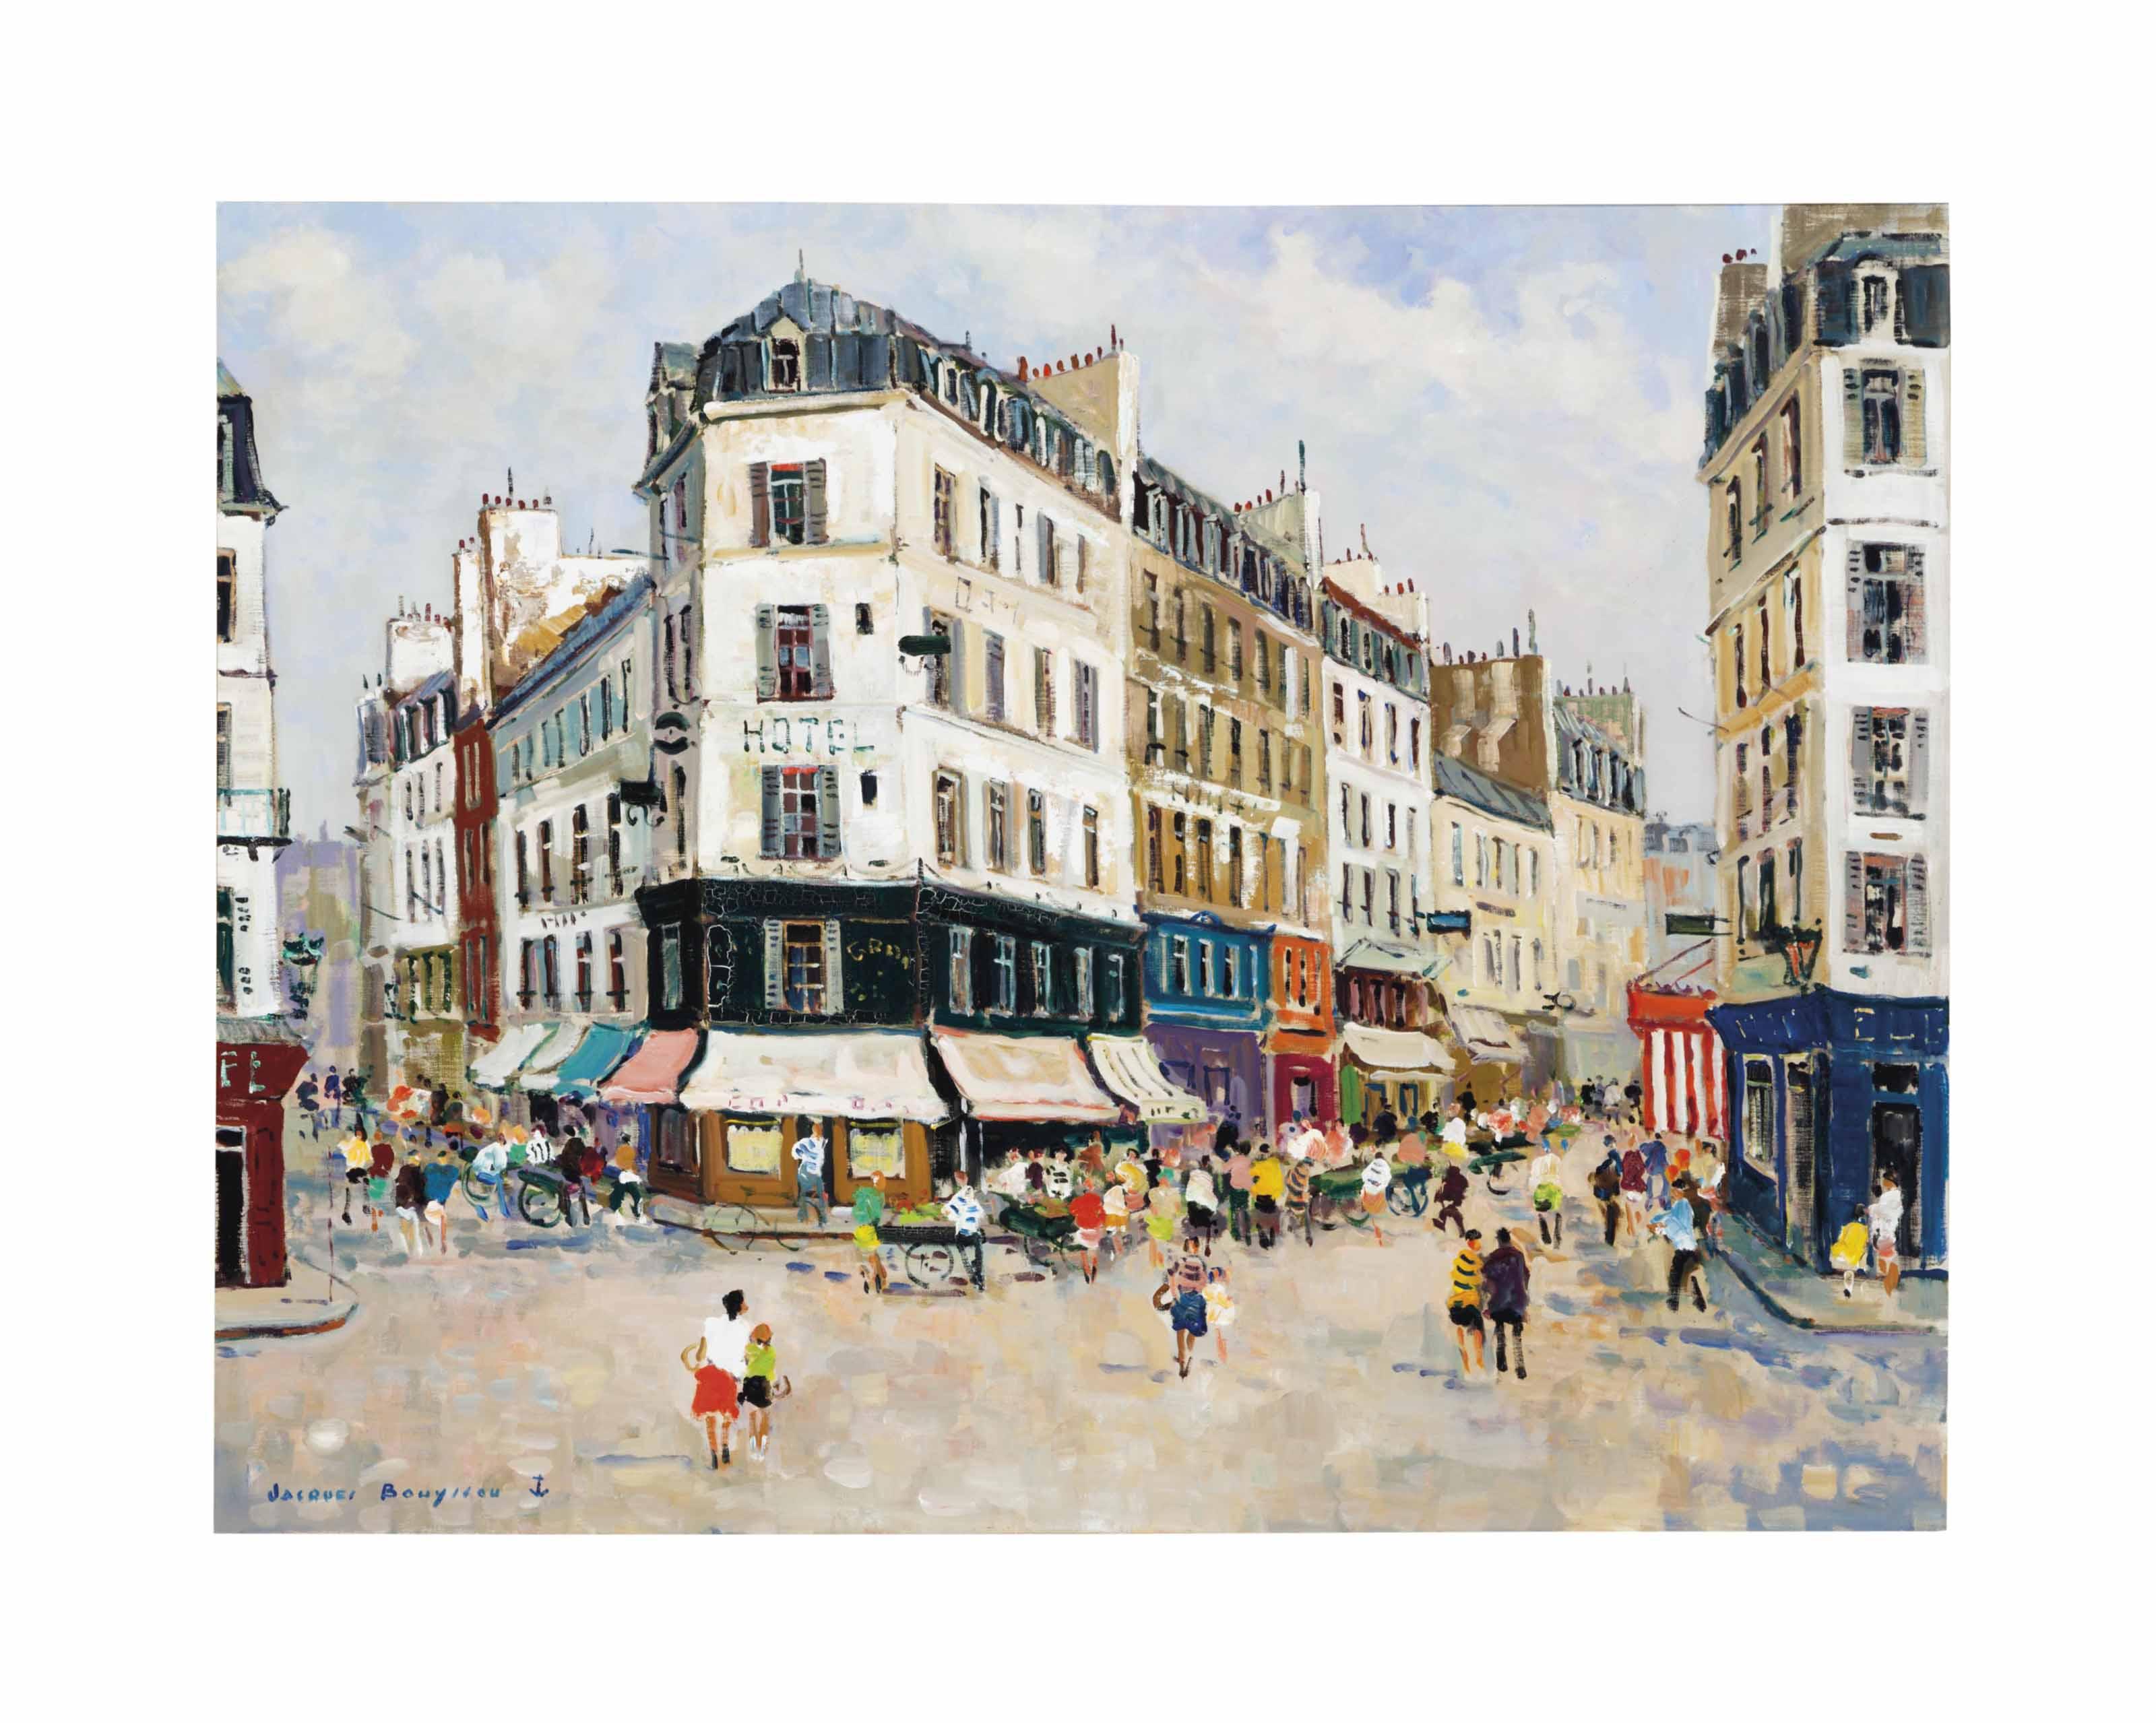 Paris rue marchande